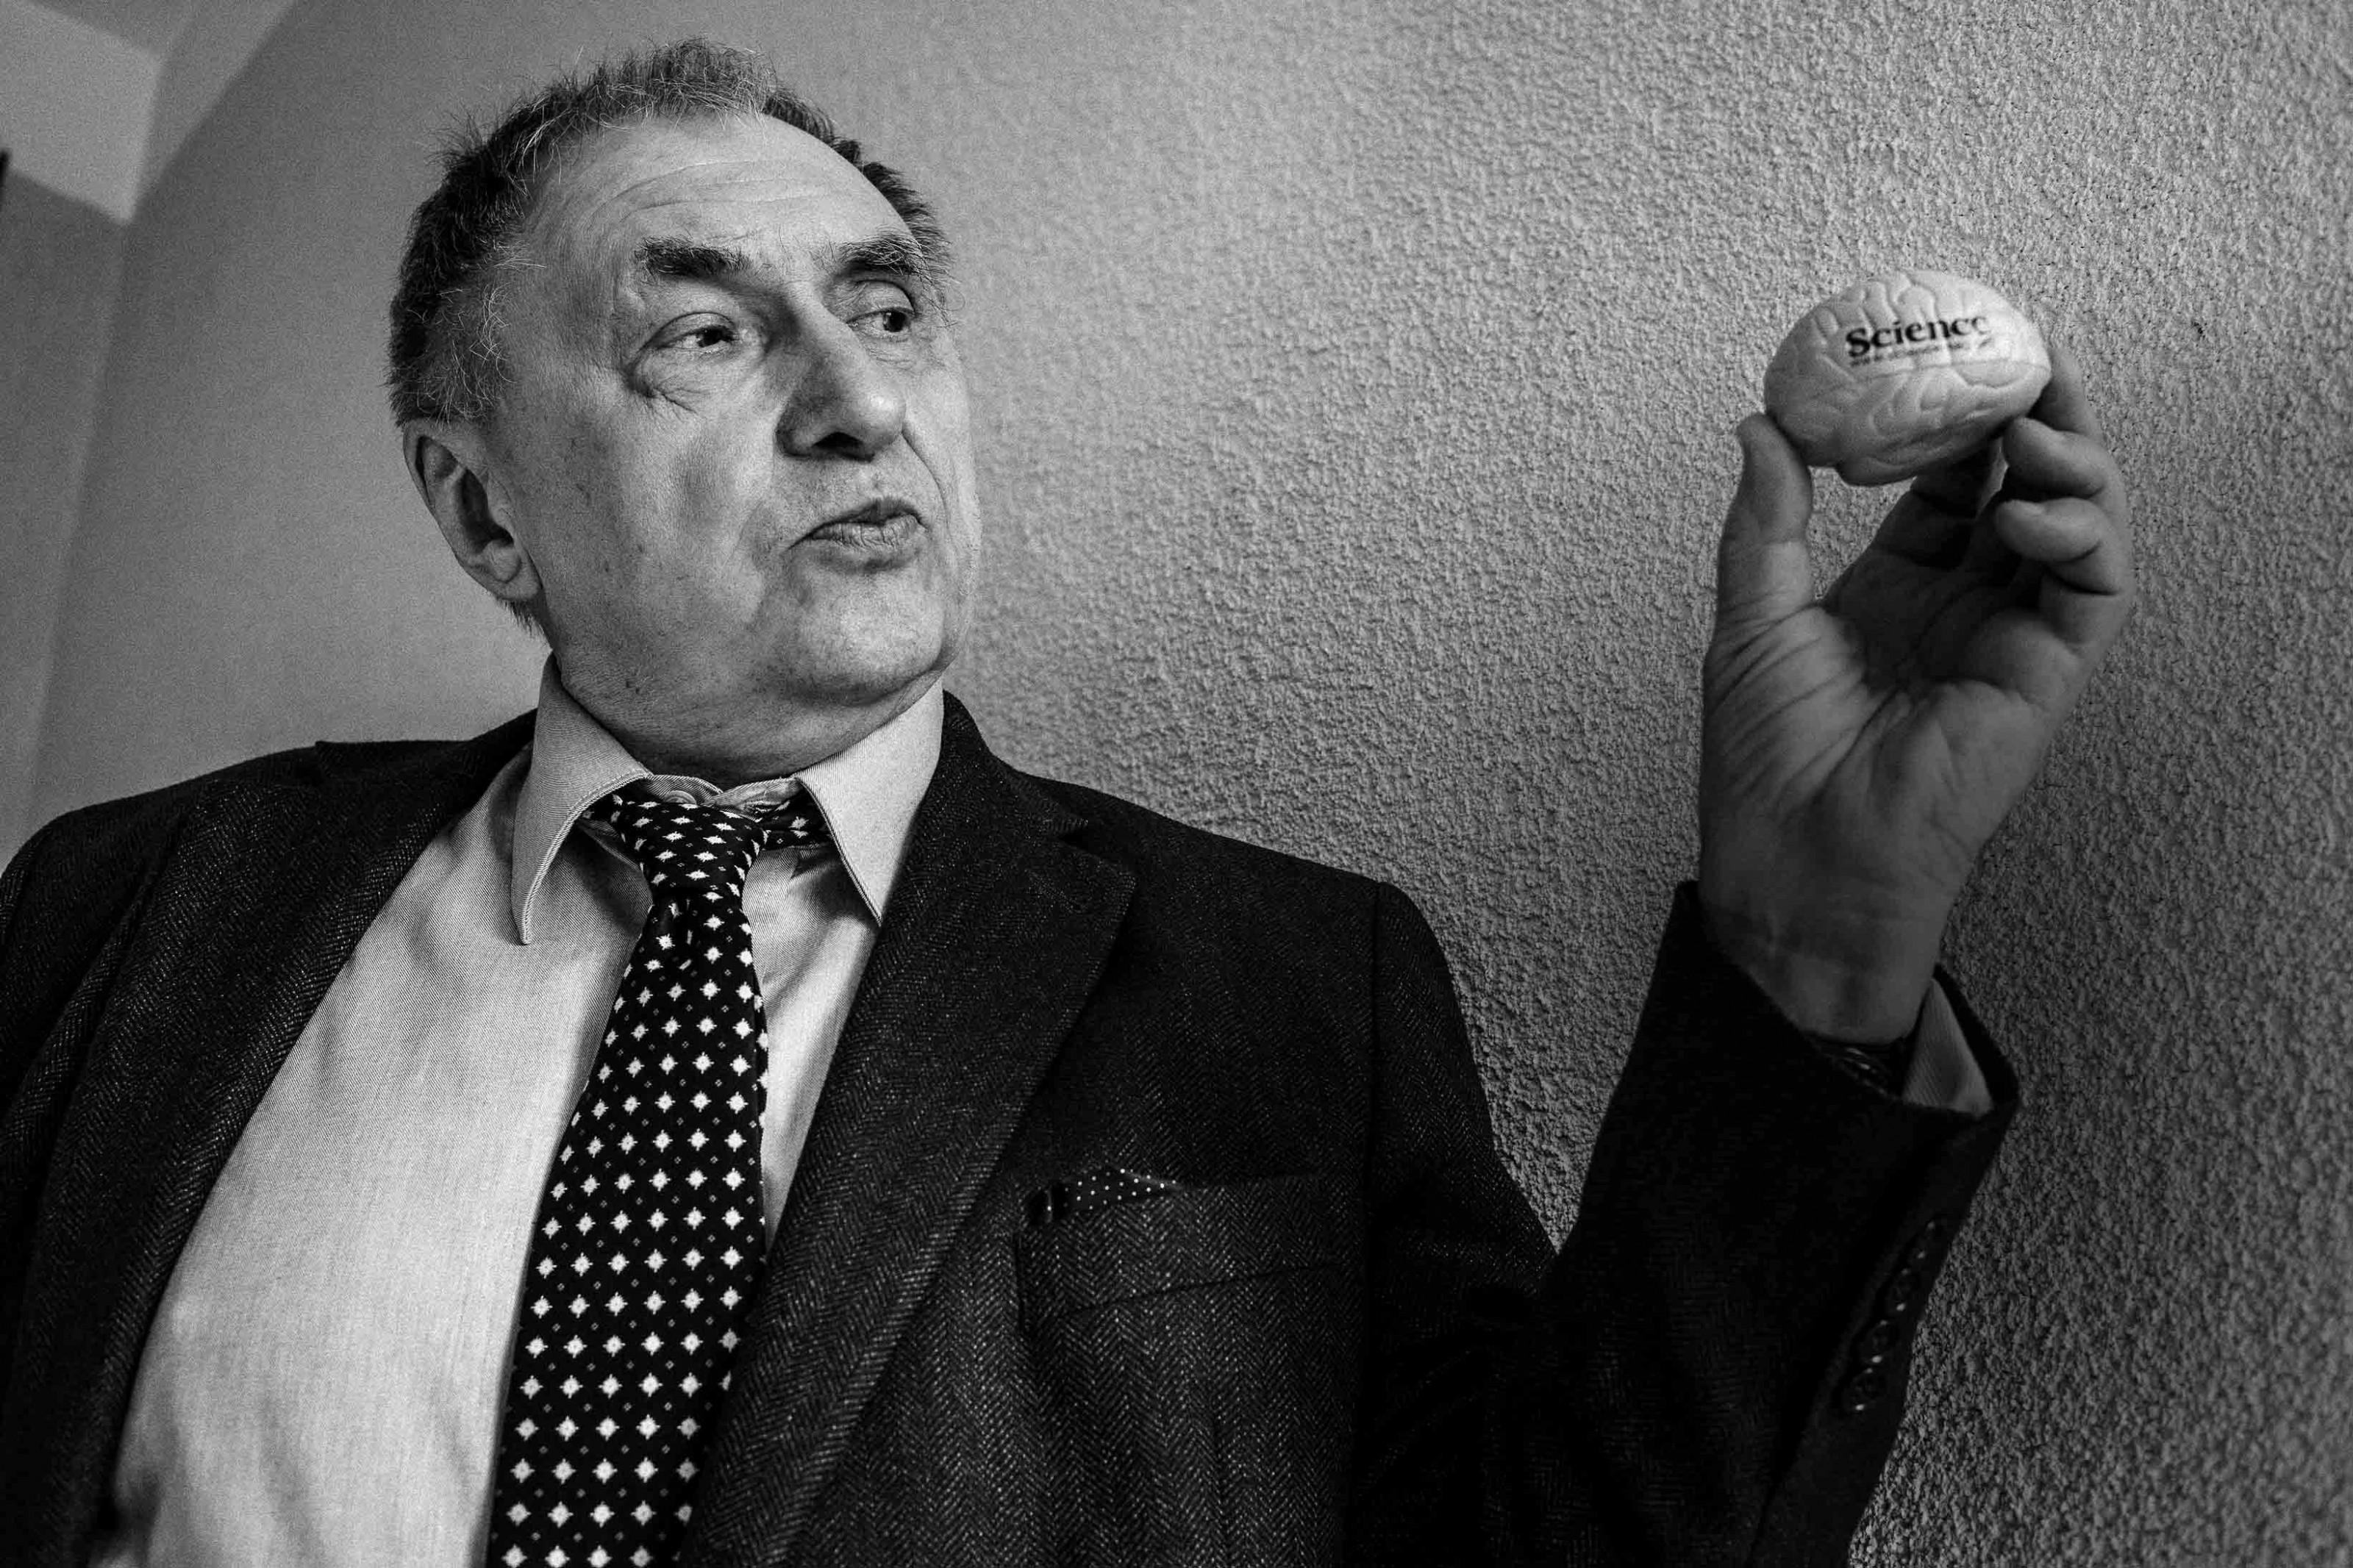 Олег Крышталь ( Украина ) : «Богатство человека должно измеряться не деньгами, а количеством нейронных связей»